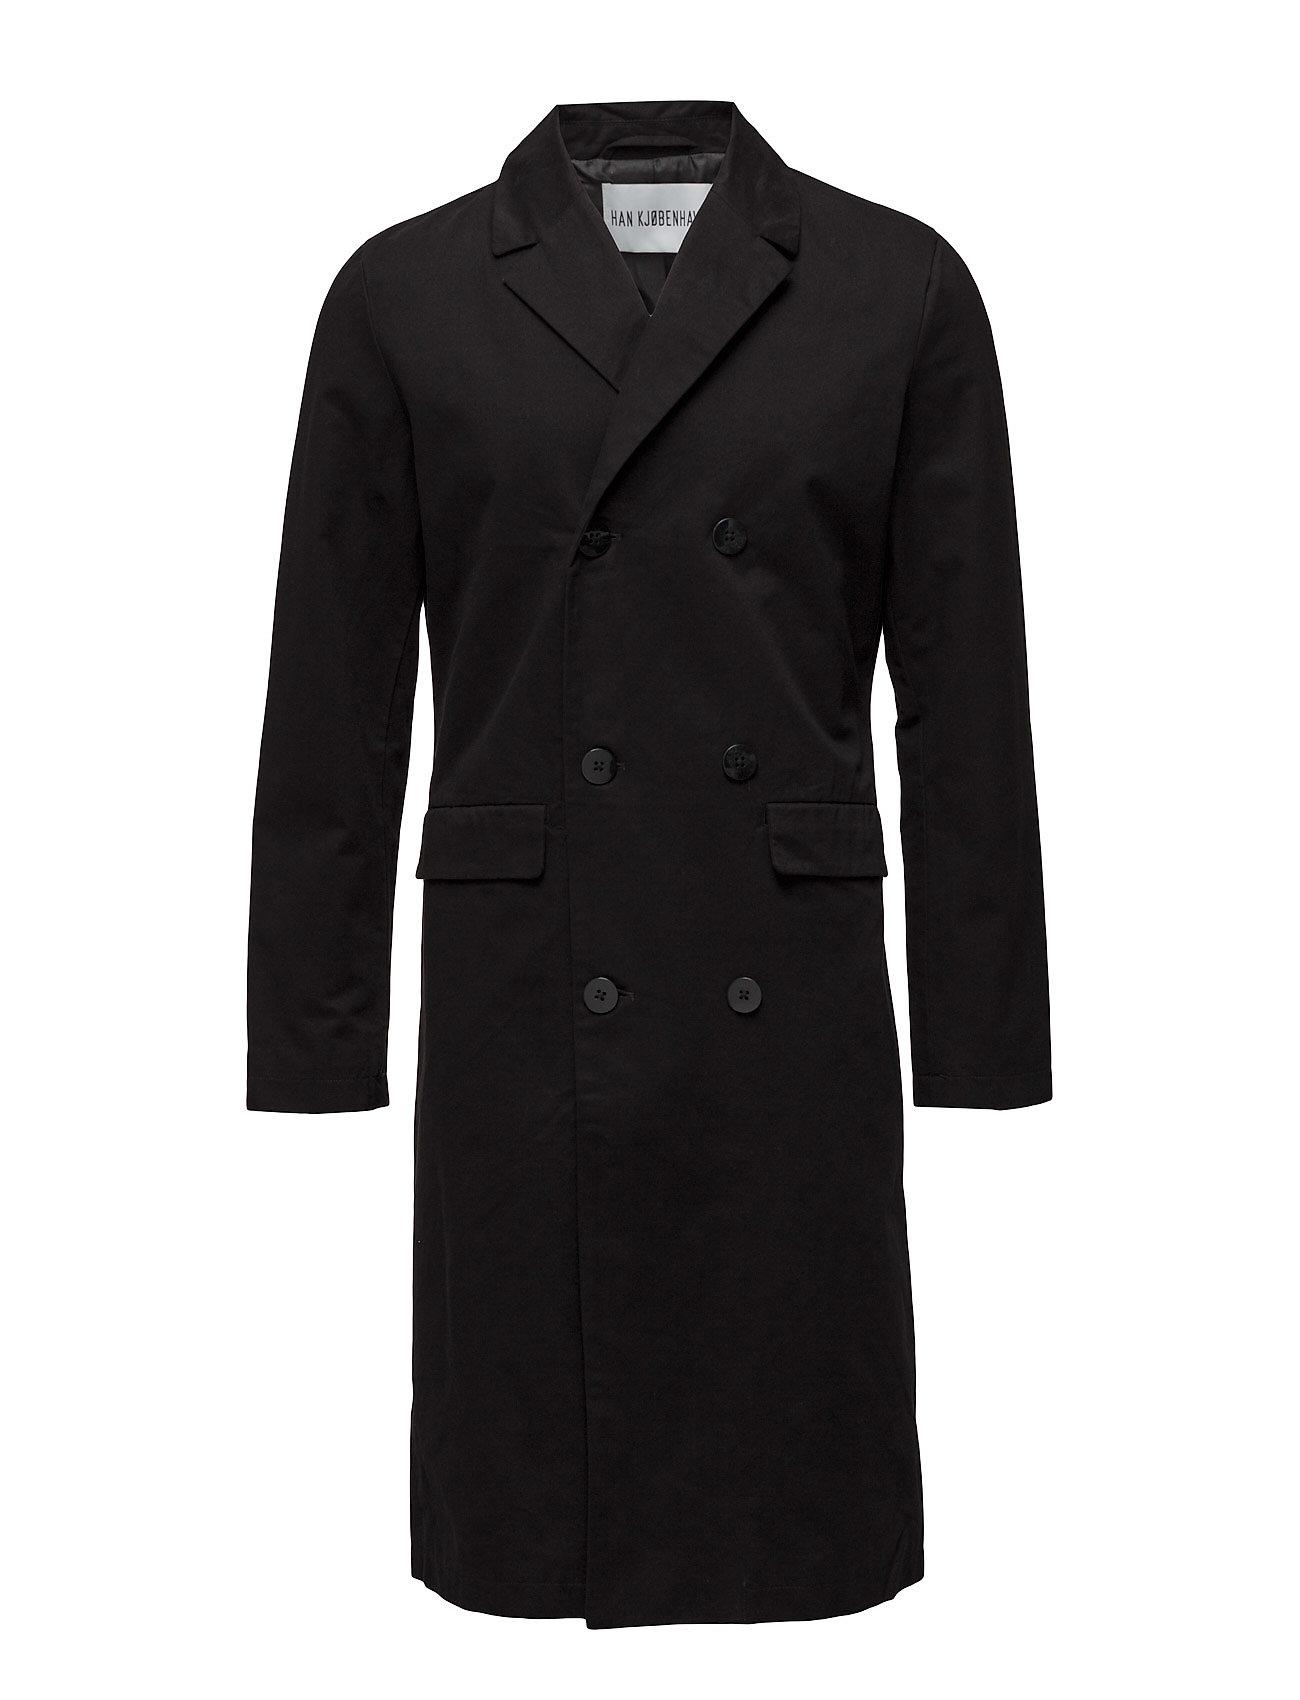 Martial coat fra han kjã¸benhavn fra boozt.com dk